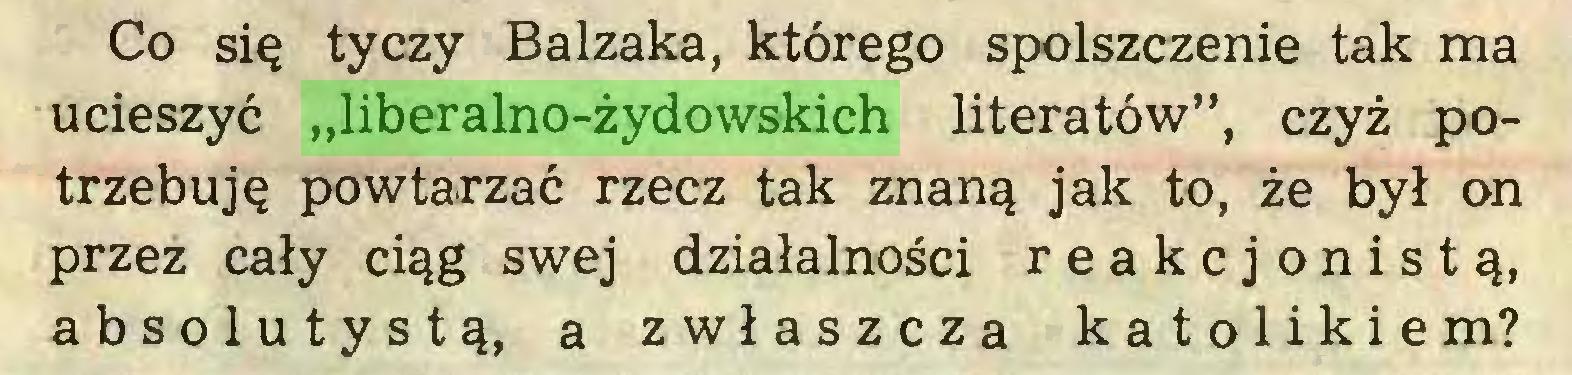 """(...) Co się tyczy Balzaka, którego spolszczenie tak ma ucieszyć """"liberalno-żydowskich literatów"""", czyż potrzebuję powtarzać rzecz tak znaną jak to, że był on przez cały ciąg swej działalności reakcjonistą, absolutystą, a zwłaszcza katolikiem?..."""